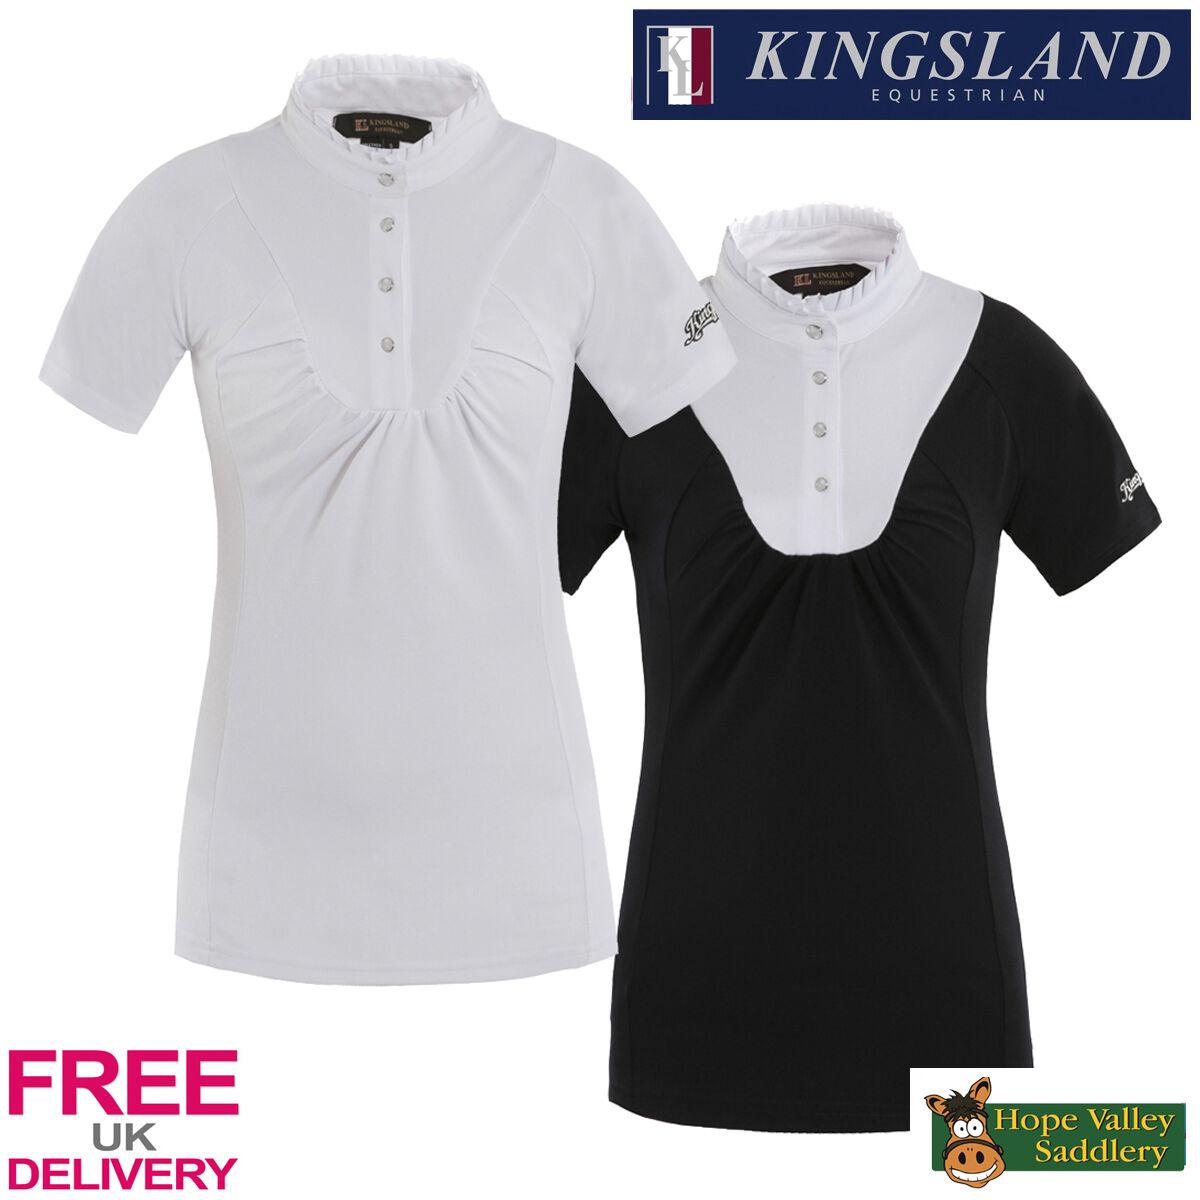 Kingsland Jenna Camicia A A Camicia Maniche Corte Show (142-ss-511 ~) - VENDITA * SPEDIZIONE GRATUITA IN UK * 47c48d